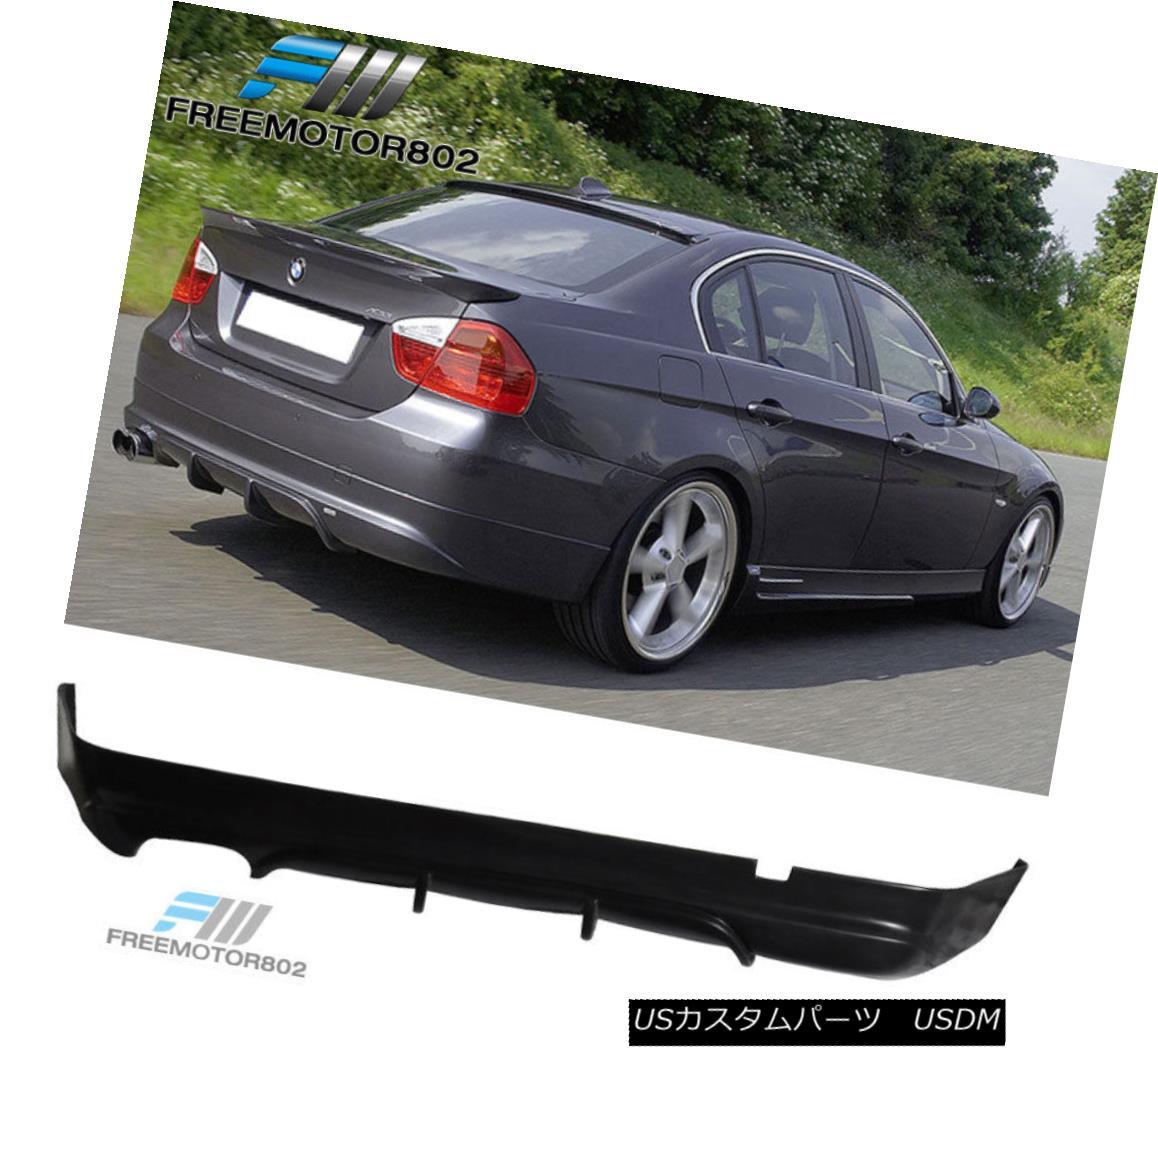 エアロパーツ For 05-12 BMW E90 3-Series Sedan Rear Bumper Lip Spoiler ACS Style Urethane 05-12 BMW E90 3シリーズセダンリアバンパーリップスポイラーACSスタイルウレタン